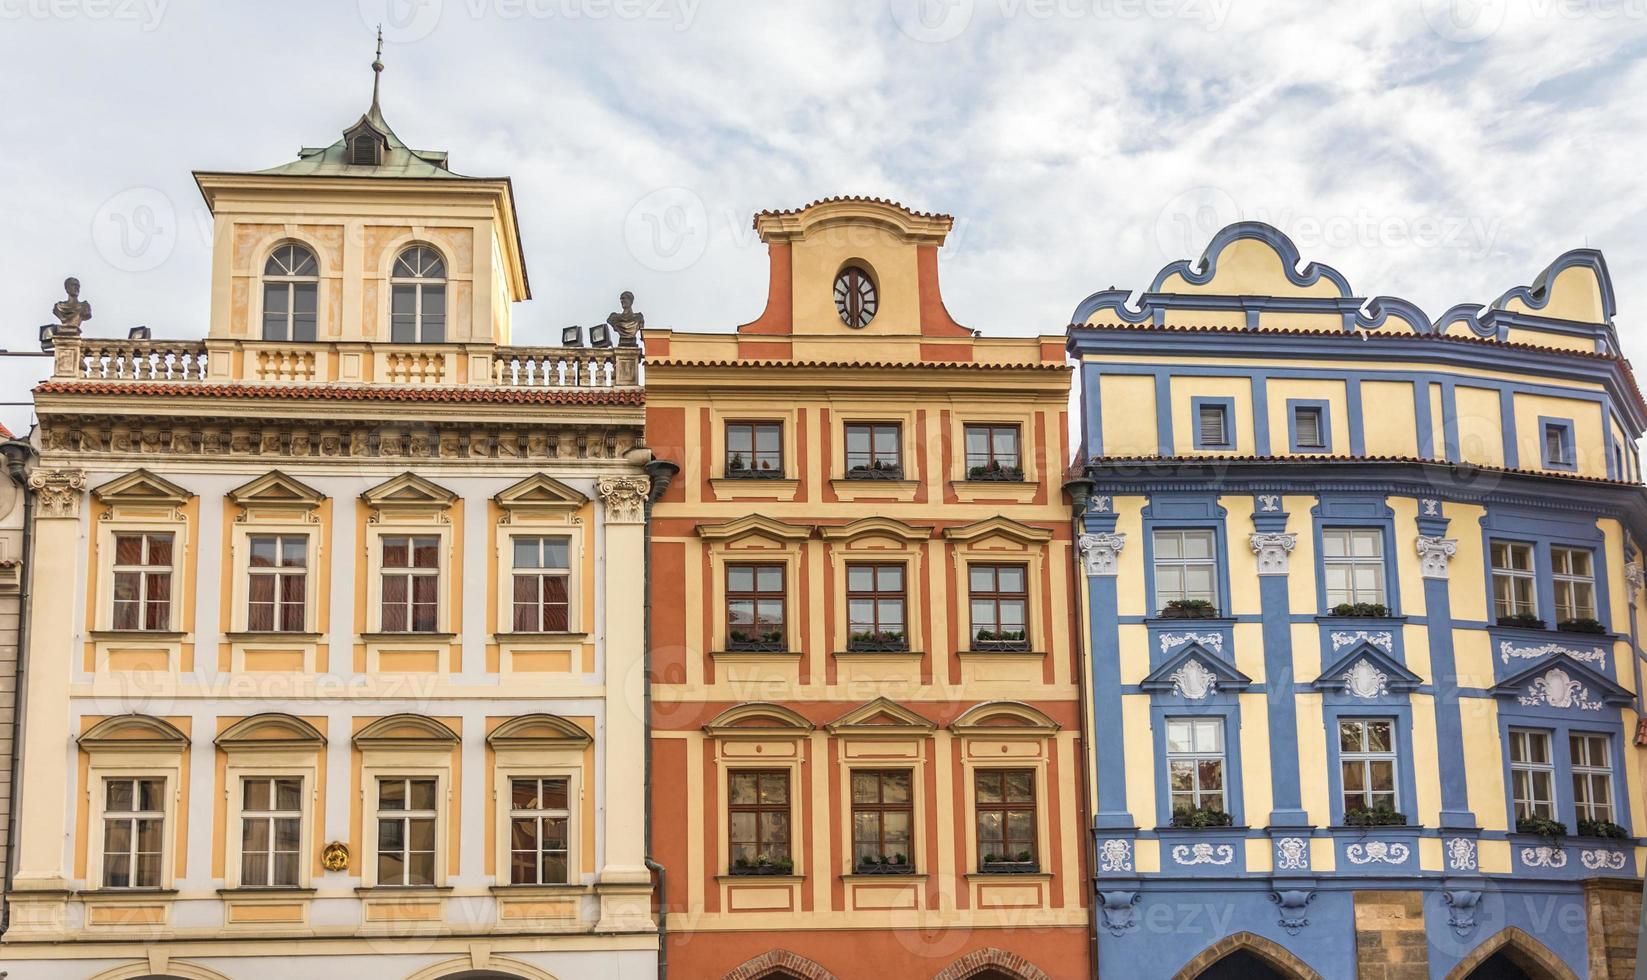 facciata di edificio storico a praga foto